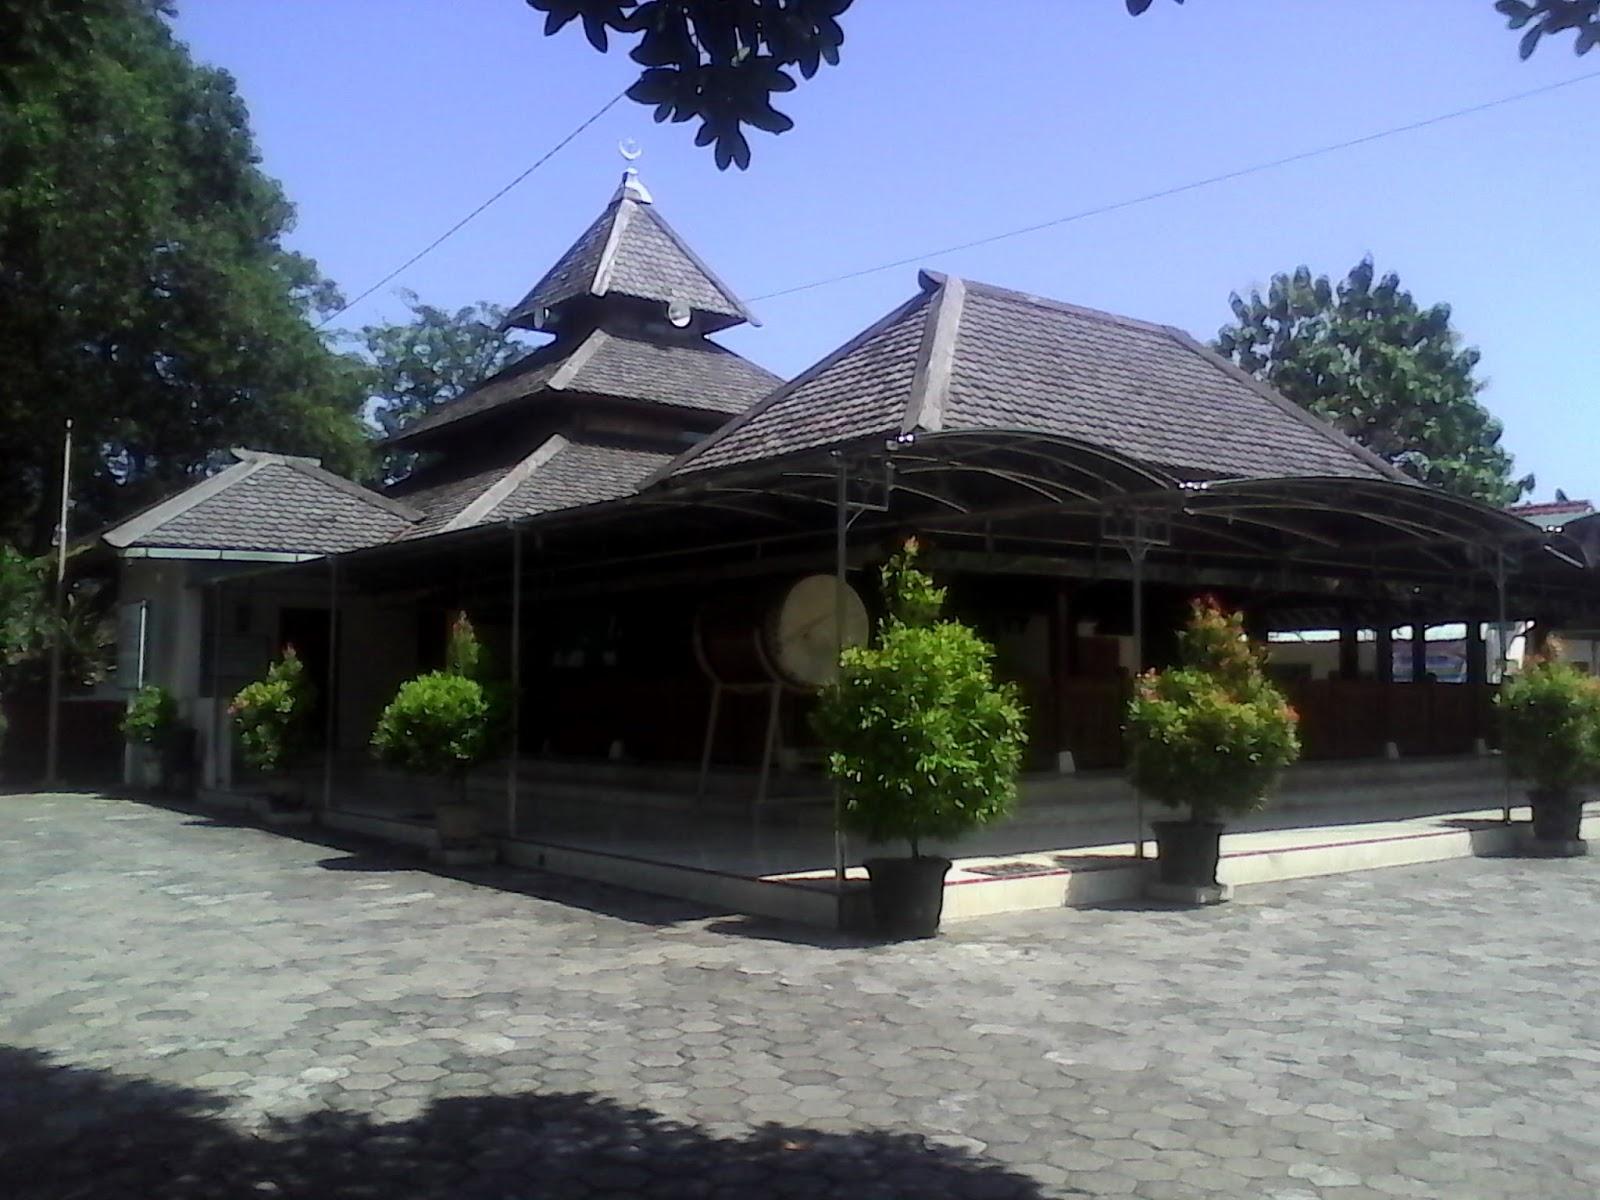 Masjid Besar Kuno Taman Madiun Salah Satu Tertua Bersejarah Kota